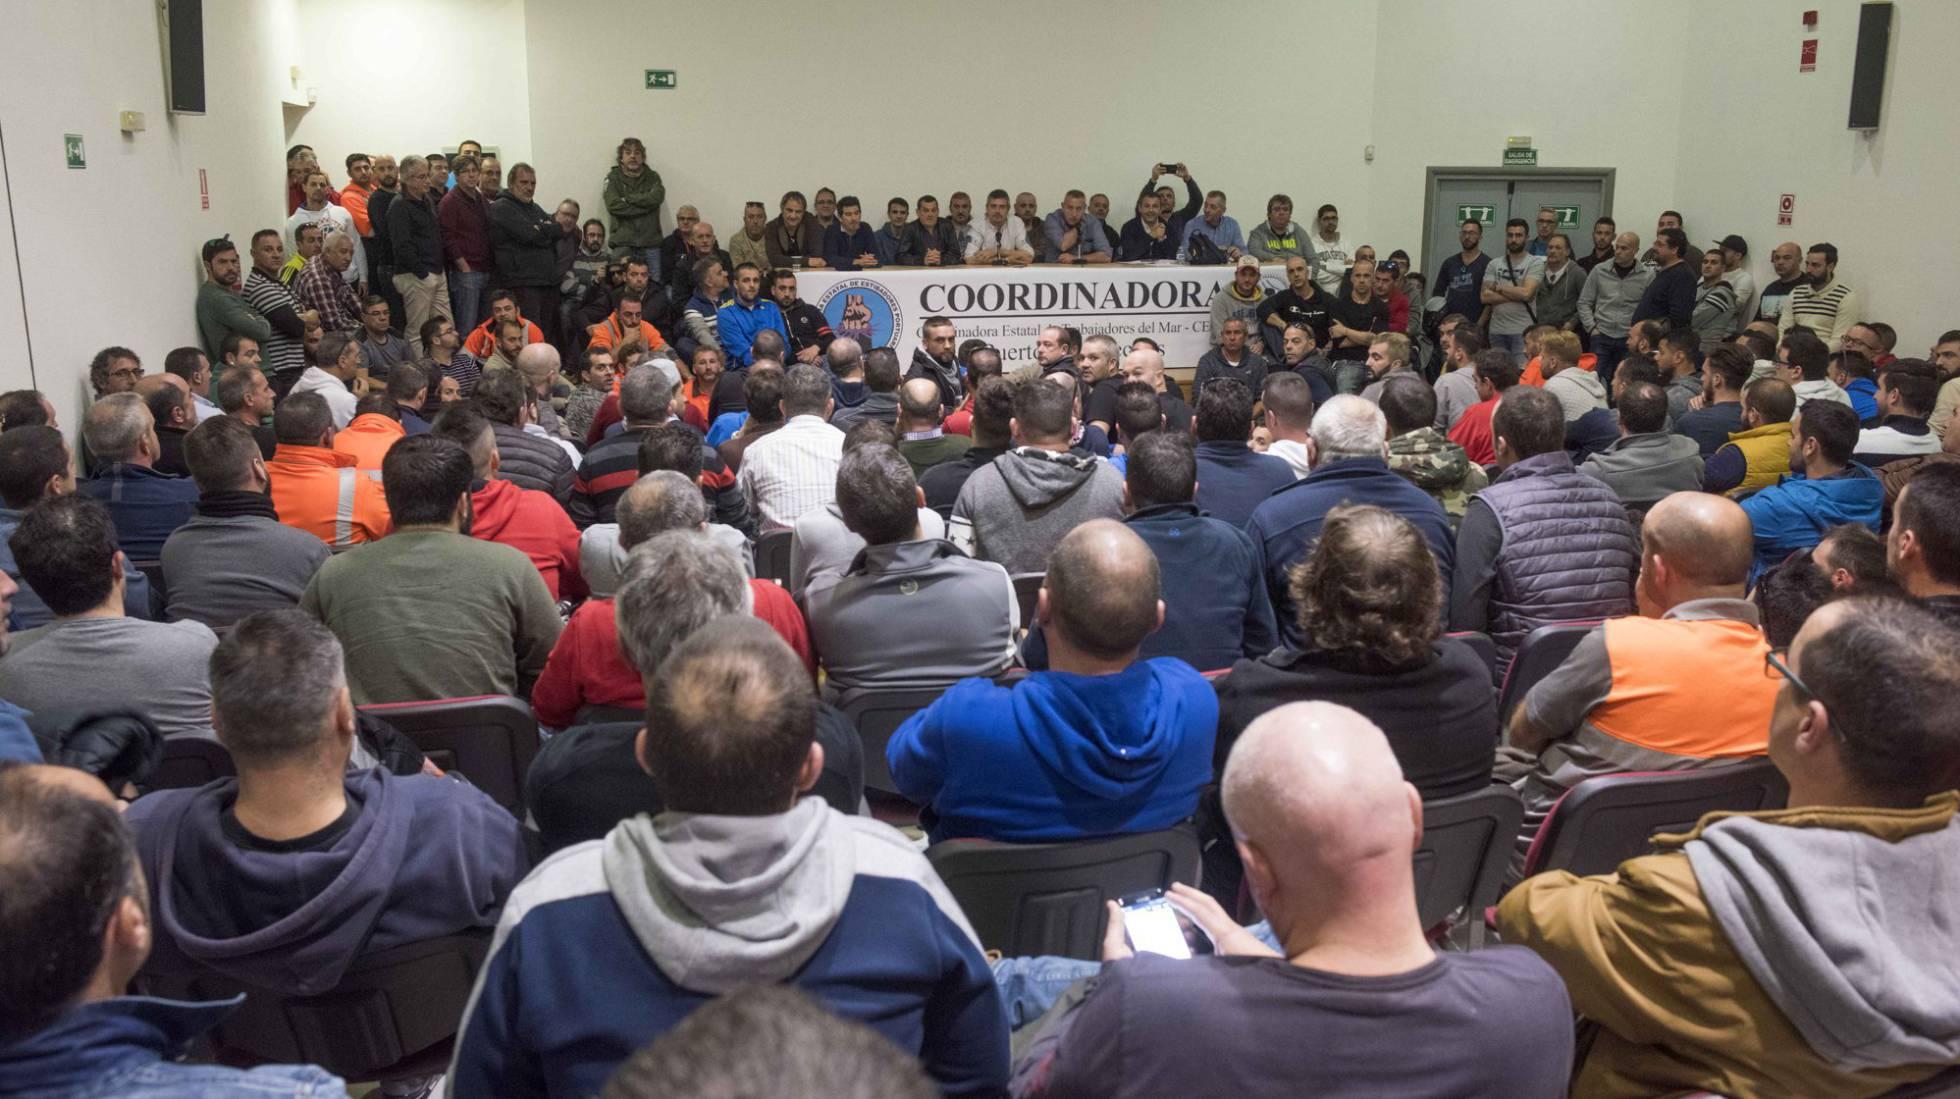 Estibadores portuarios.  El sindicalismo  democrático ayuda al  capital. 1486151173_412001_1486151298_noticia_normal_recorte1